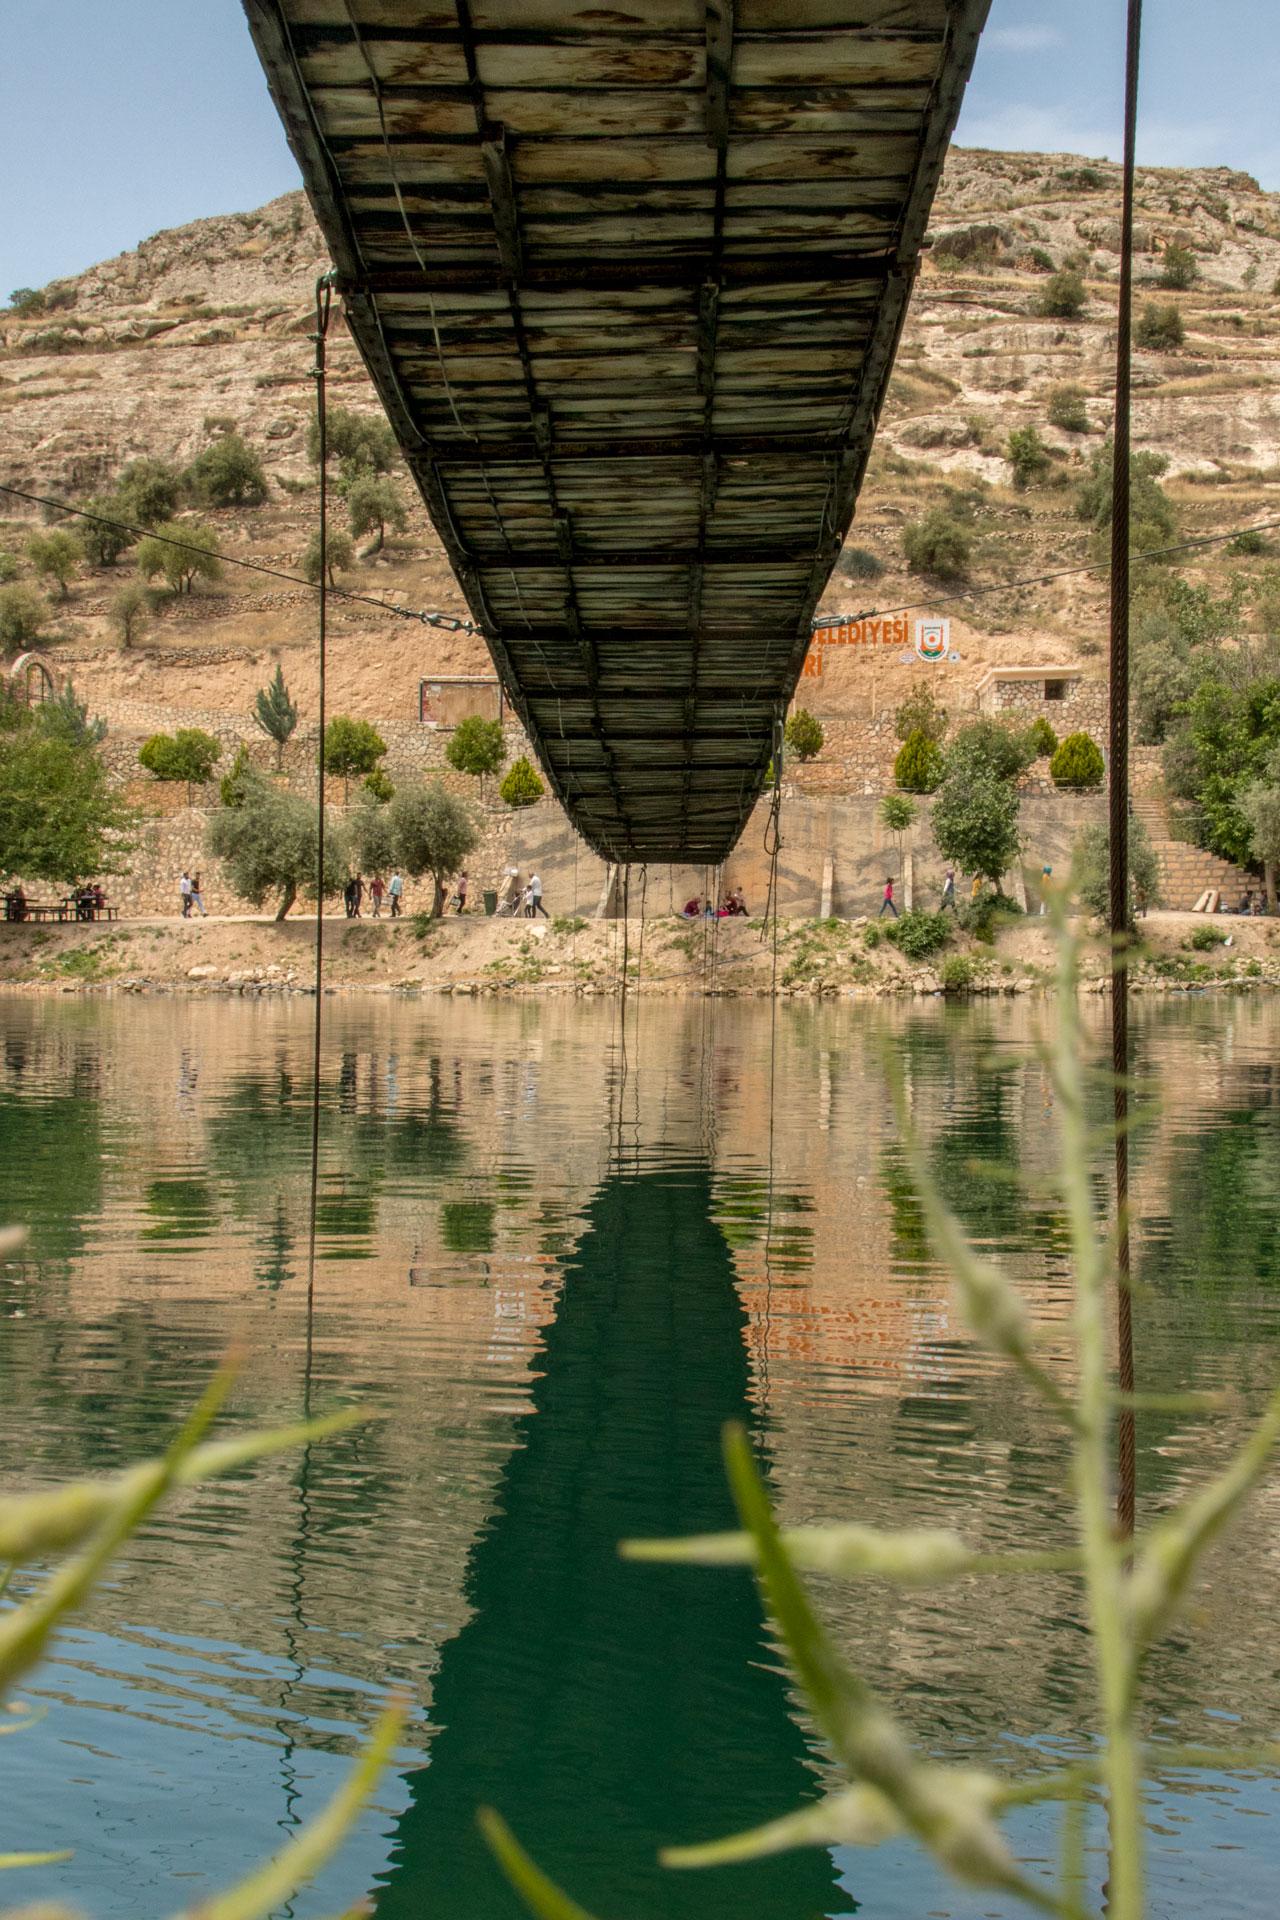 Batık Şehir Halfeti Fotoğrafları Şanlıurfa Türkiye Gezgin Fotoğrafçı Çekergezer Hakan Aydın www.cekergezer.com www.cekergezer.com